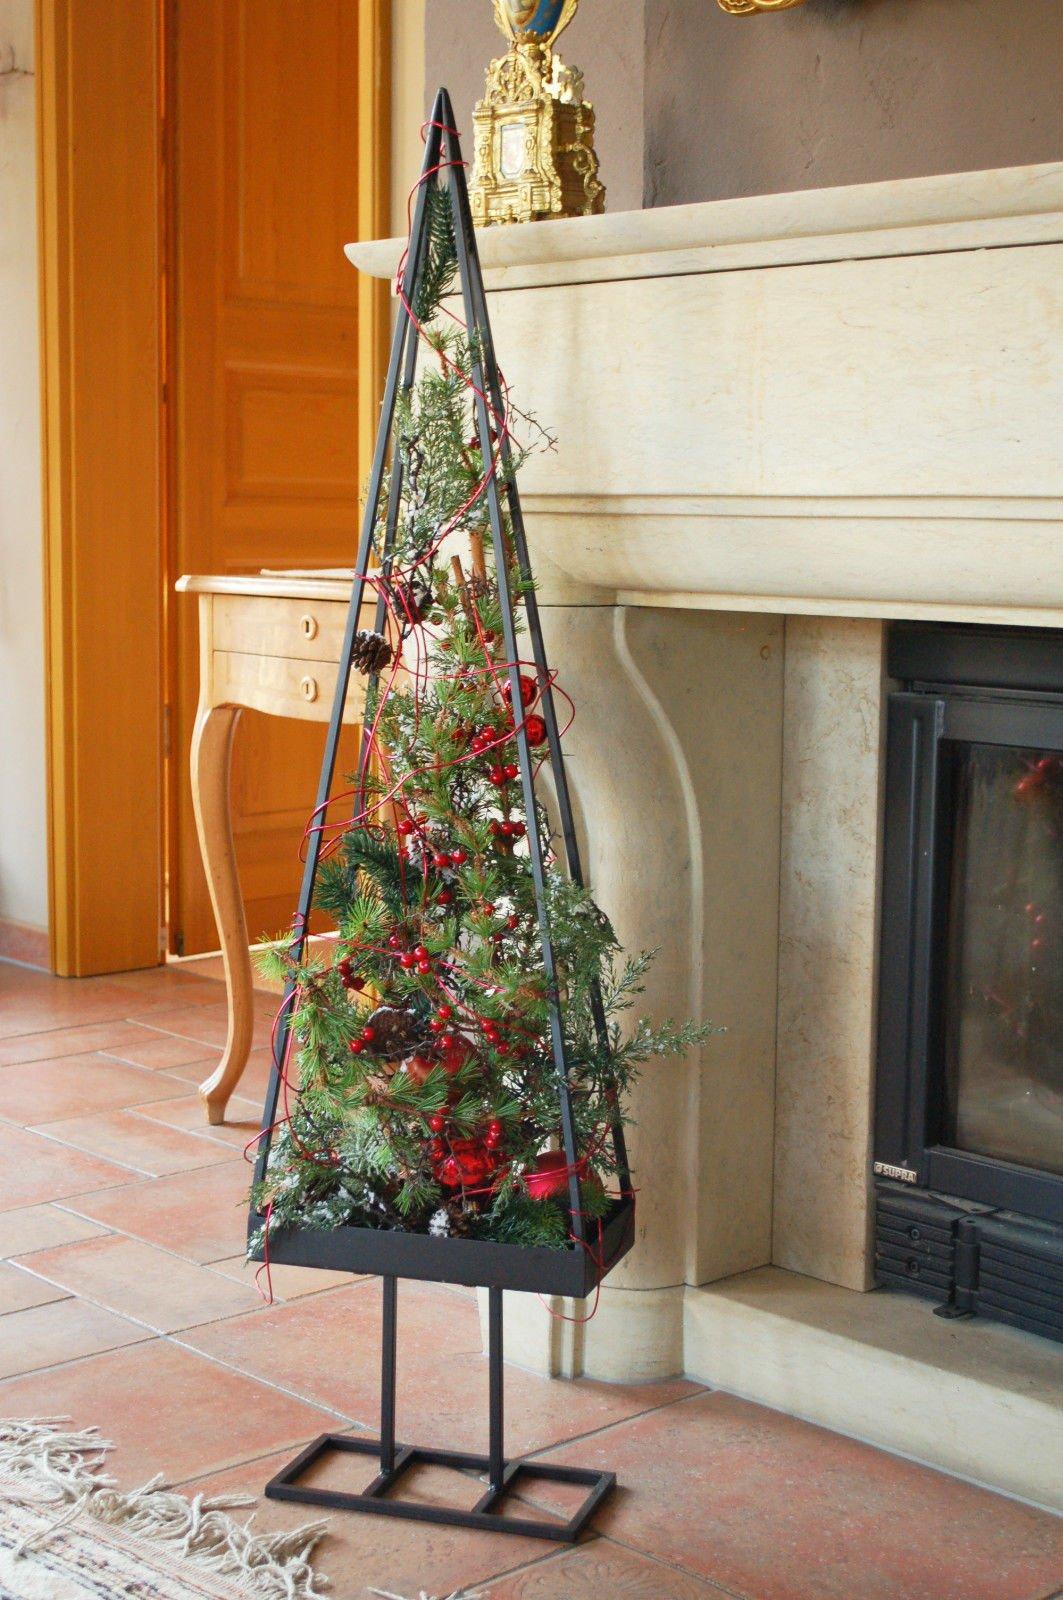 Weihnachtsbaum-Metall-Schwarz-Wunderschner-Baum-als-Weihnachtsdeko-oder-Wohndeko-fr-Ihr-Zuhause-Dieser-Deko-Baum-verschnert-zur-Weihnachtszeit-jedes-Zimmer-und-jeden-Raum-90cm